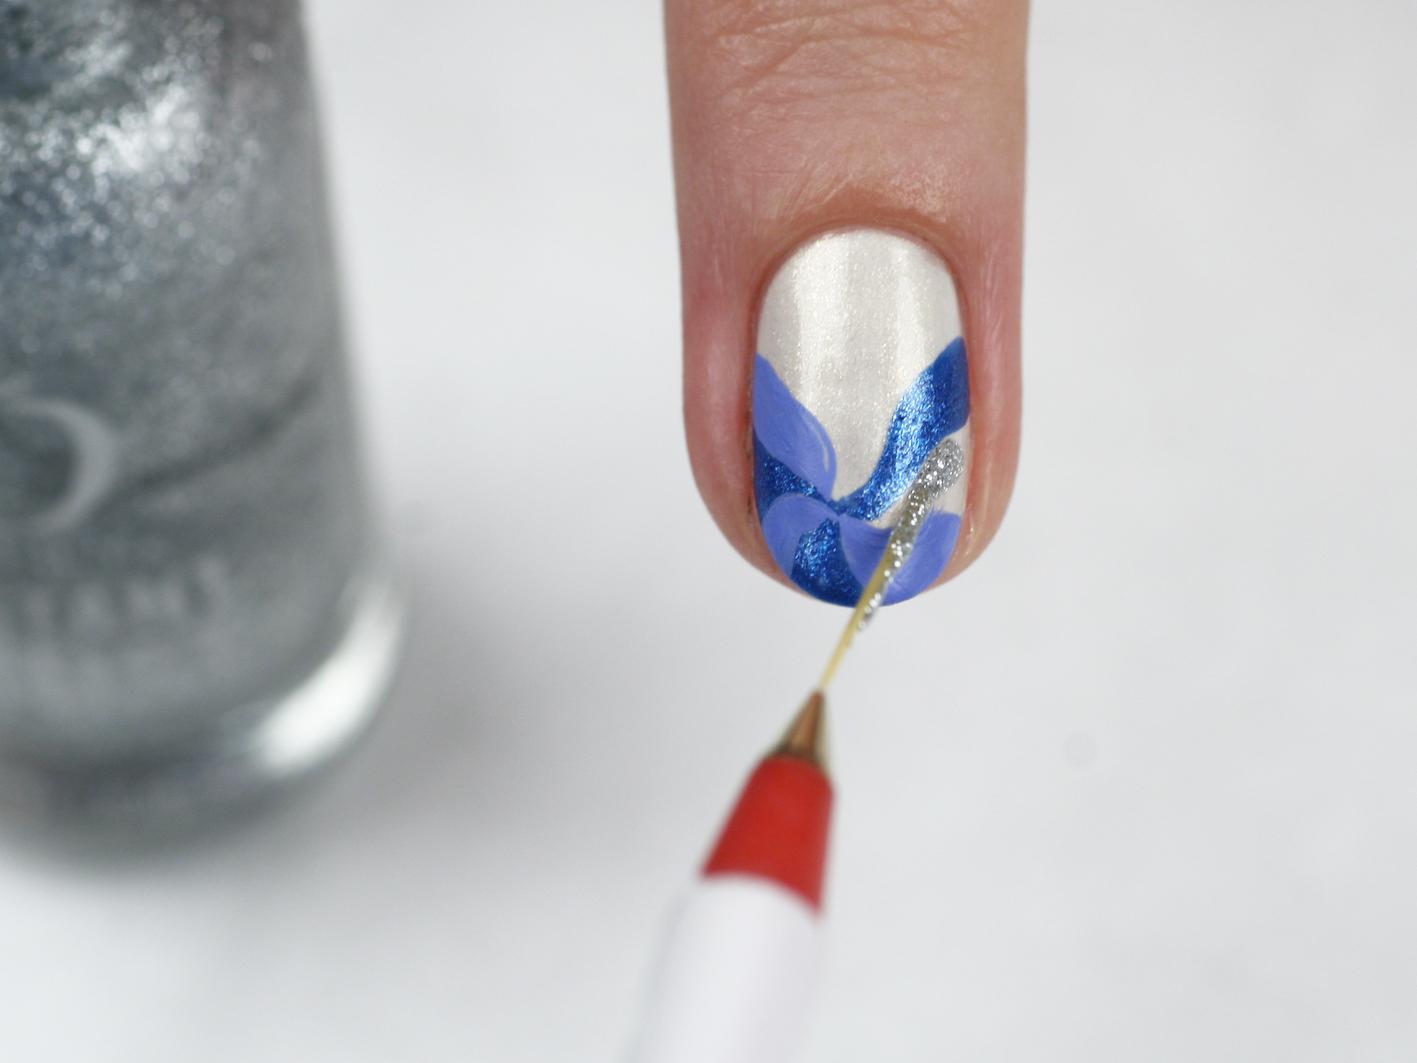 Фото нанесения красок на ногти